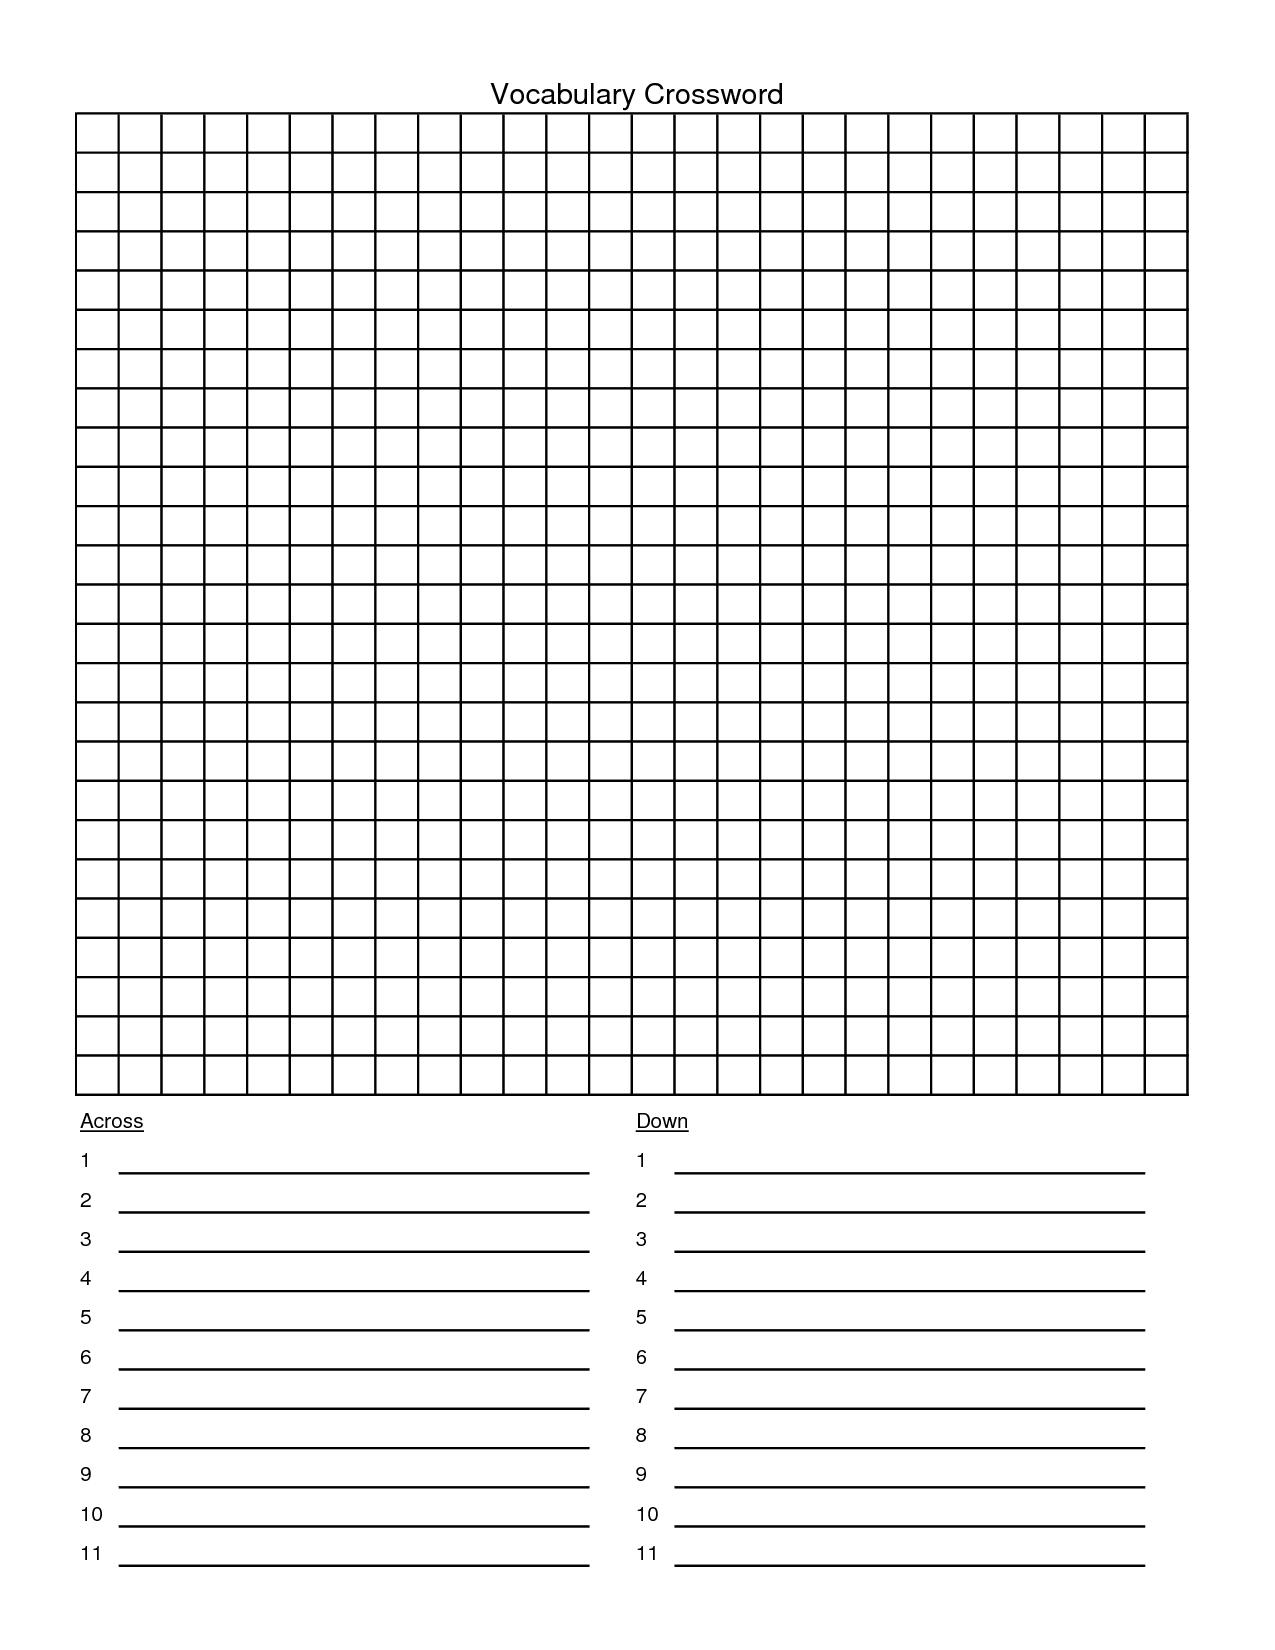 Blank Crossword Template. Blank Crossword Puzzle Clues Template - Printable Blank Crossword Grid